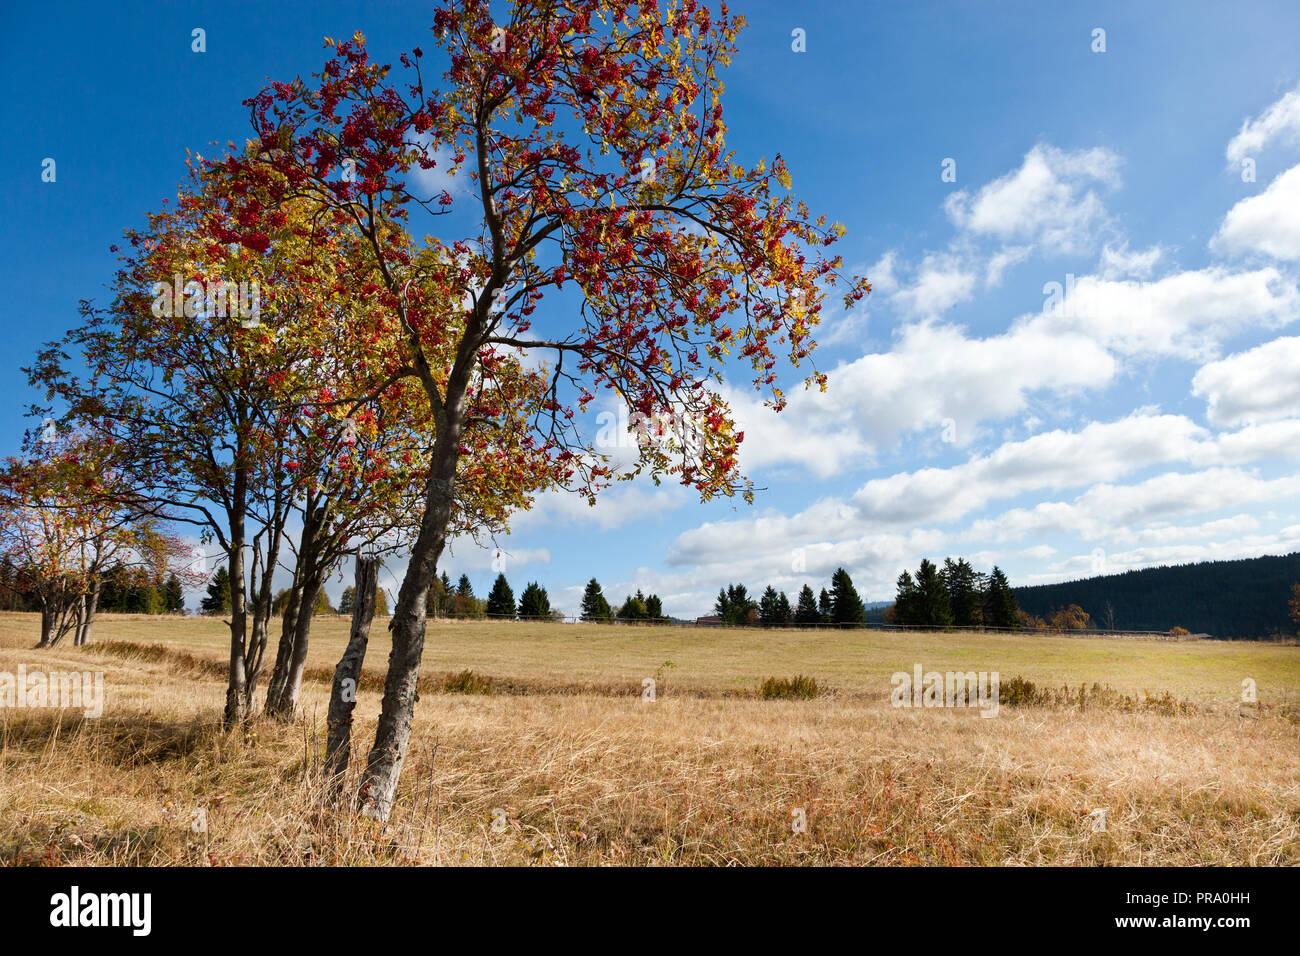 Hřebečná, Abertamy, Krusne hory, Ceska republika /  Abertamy, Hrebecna, Krusne hory mountains (Ore Mountains), Czech republic Stock Photo